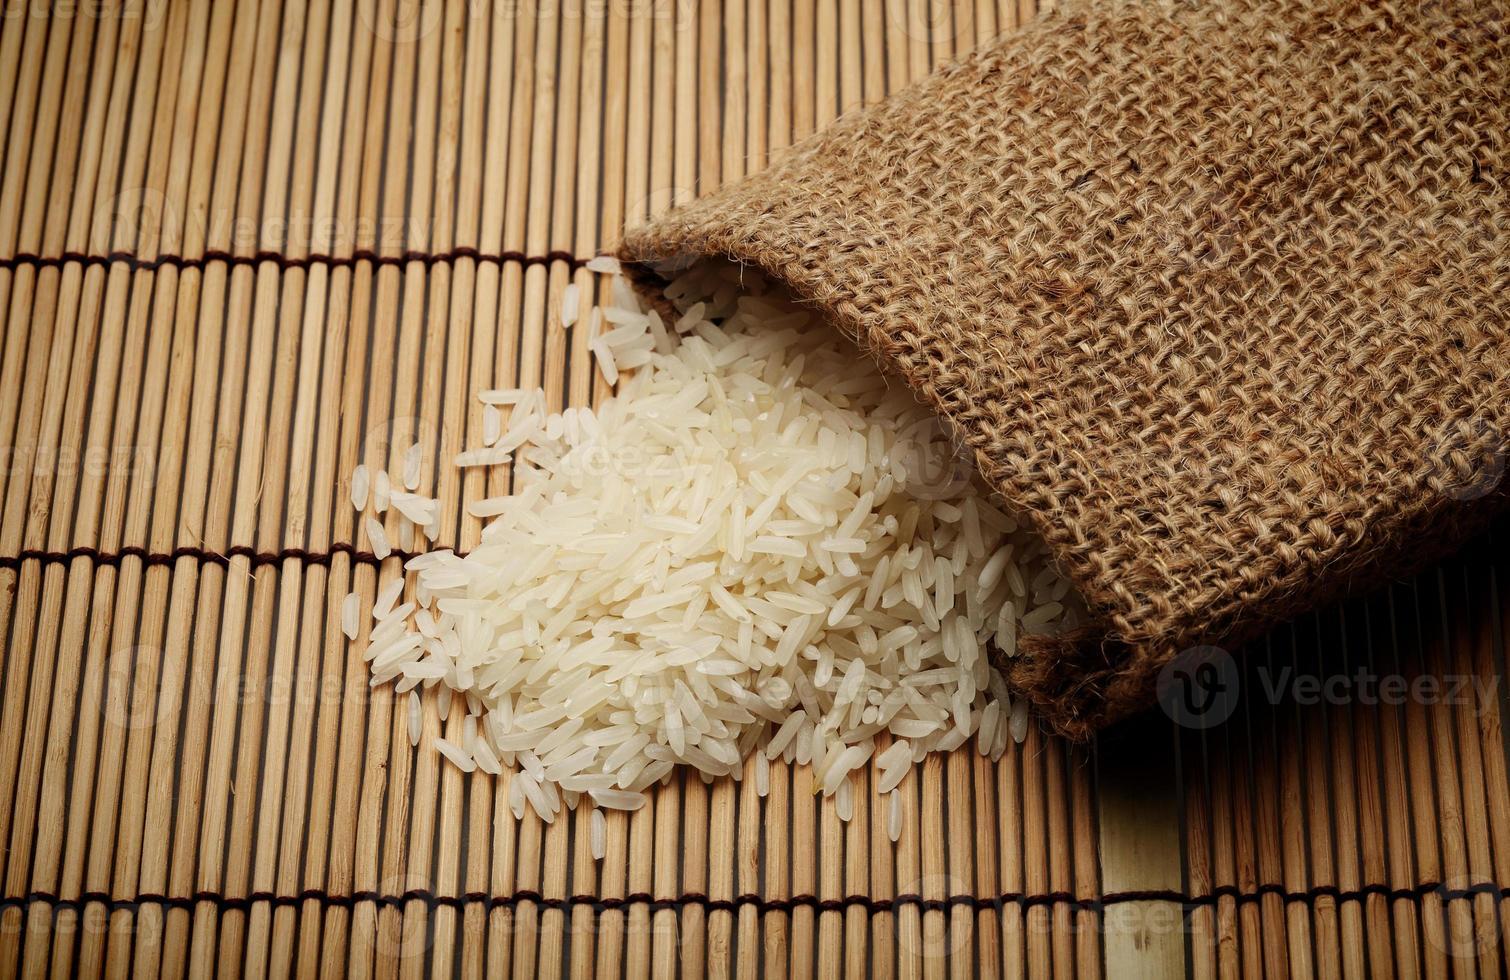 weißer ungekochter Reis in kleinem Sack foto